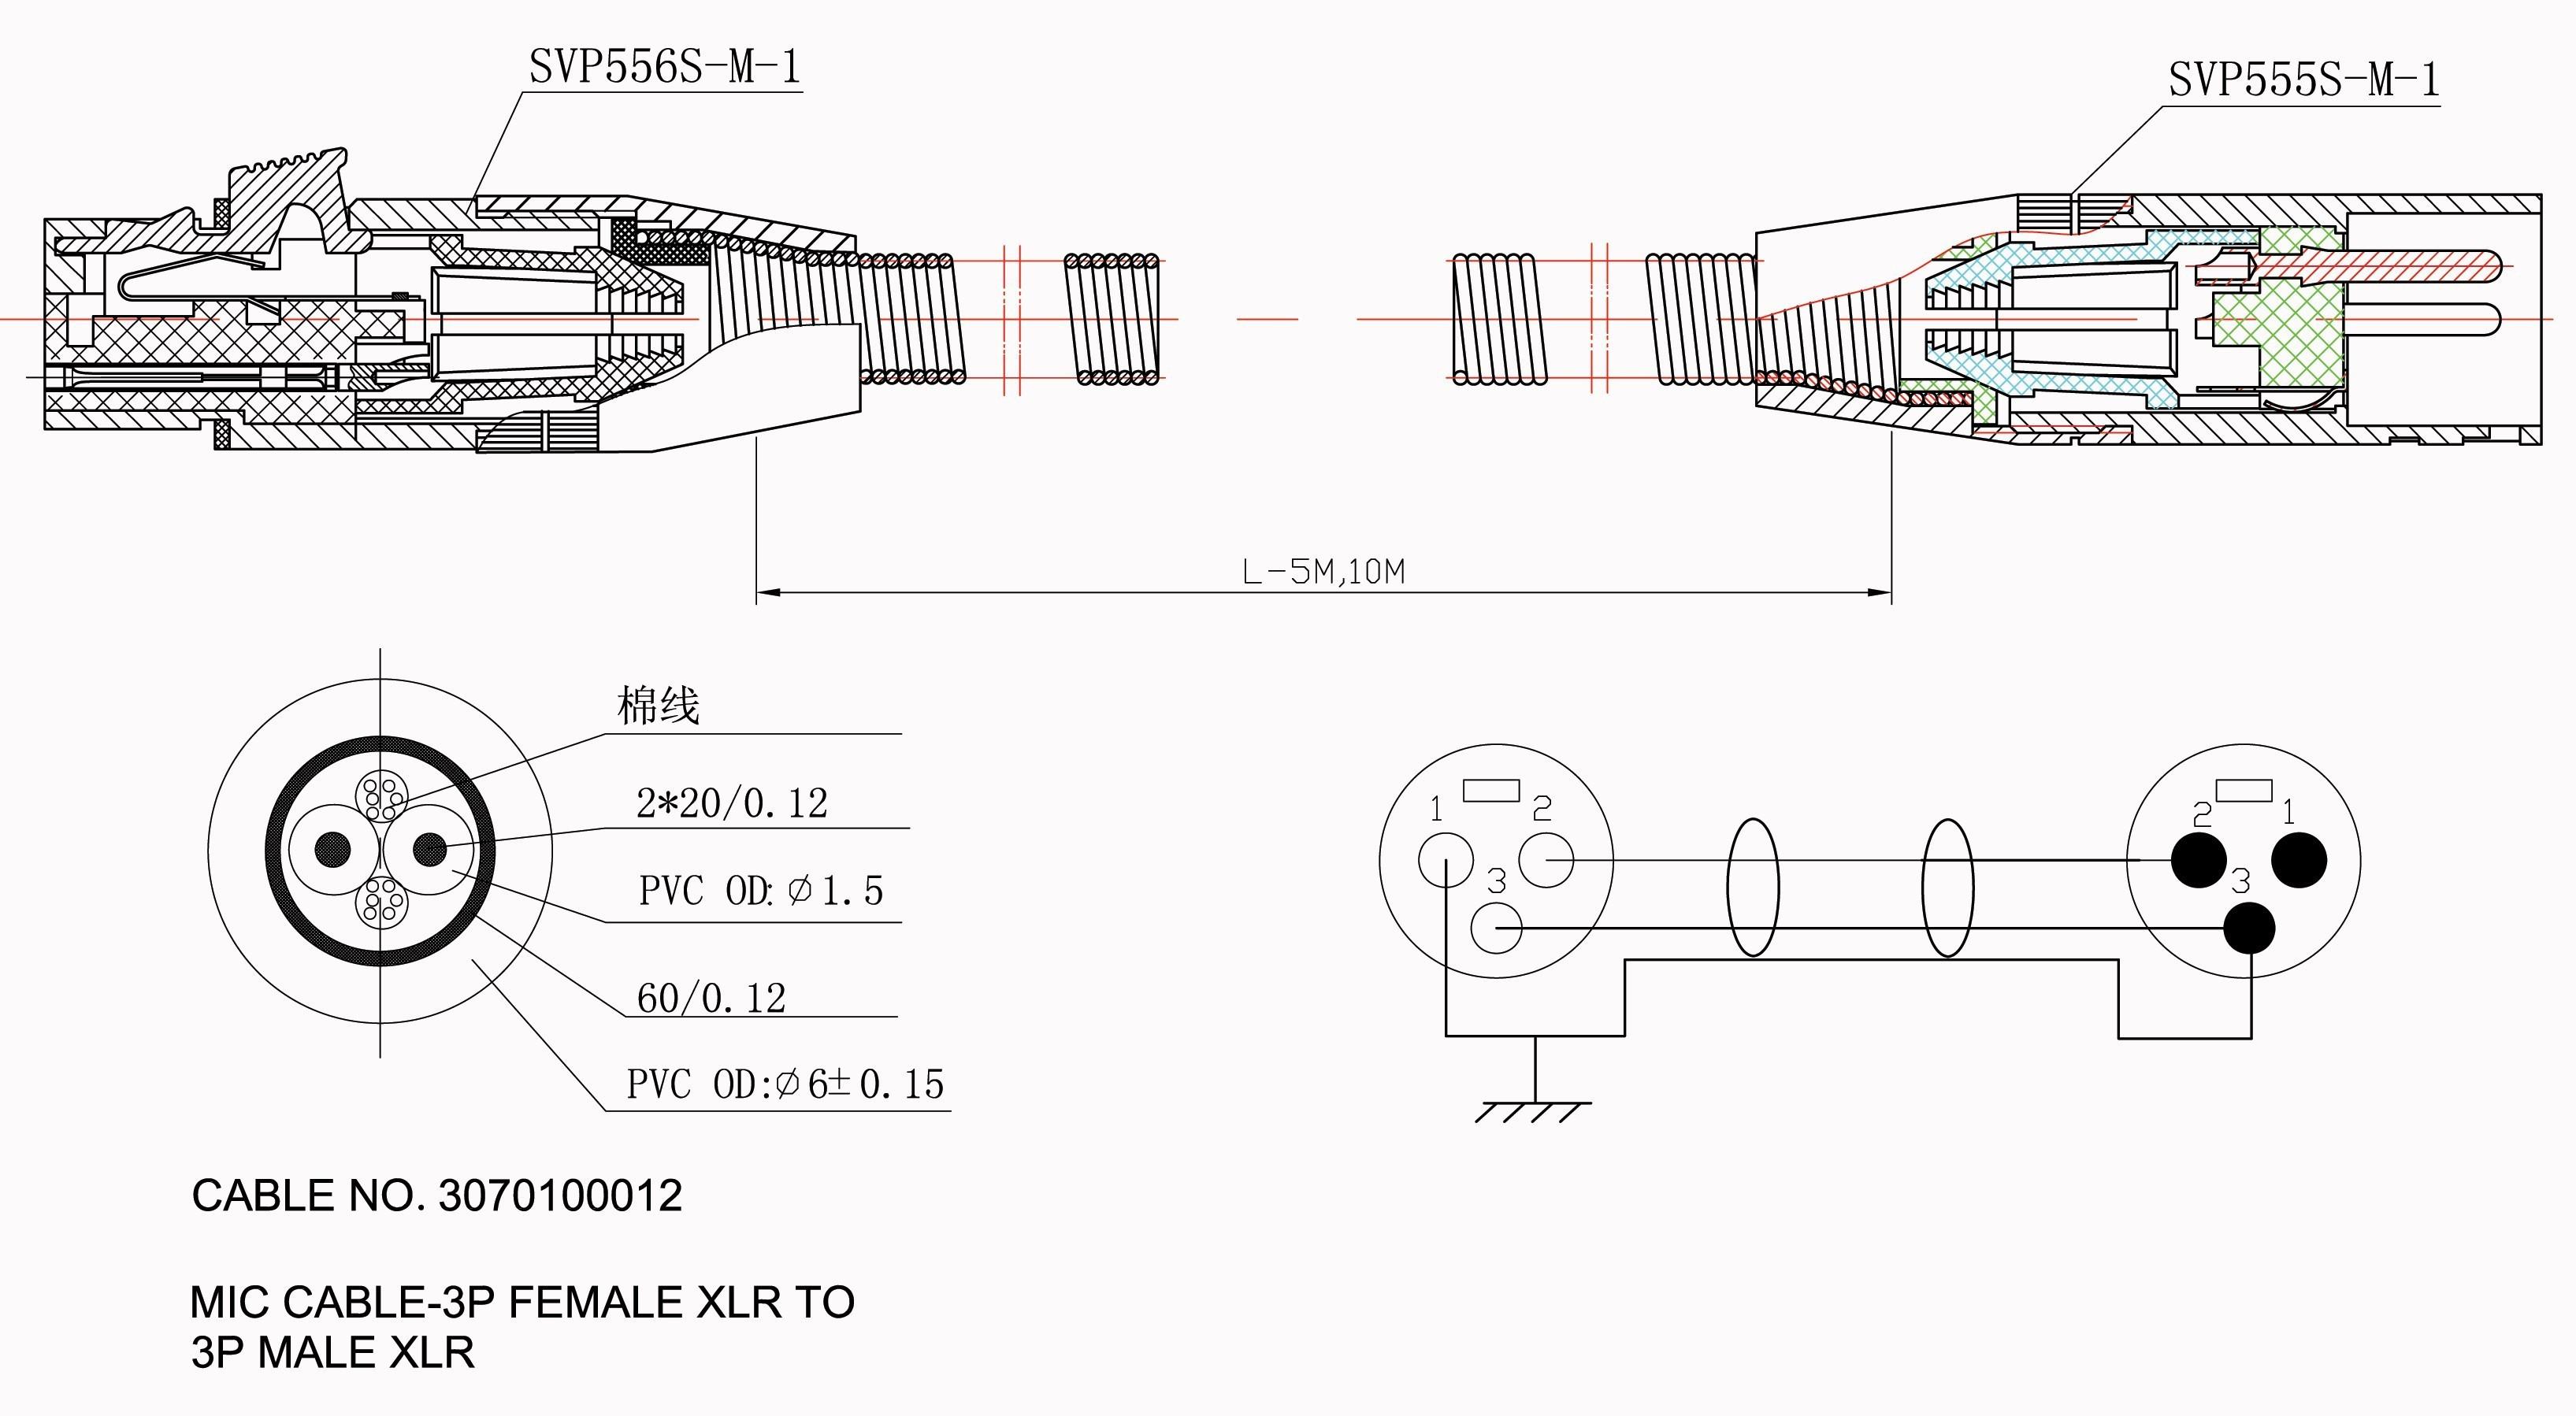 Furnace Blower Motor Wiring Diagram Wiring Diagram Hvac Blower Inspirationa Wiring Diagram Ac Motor Of Furnace Blower Motor Wiring Diagram